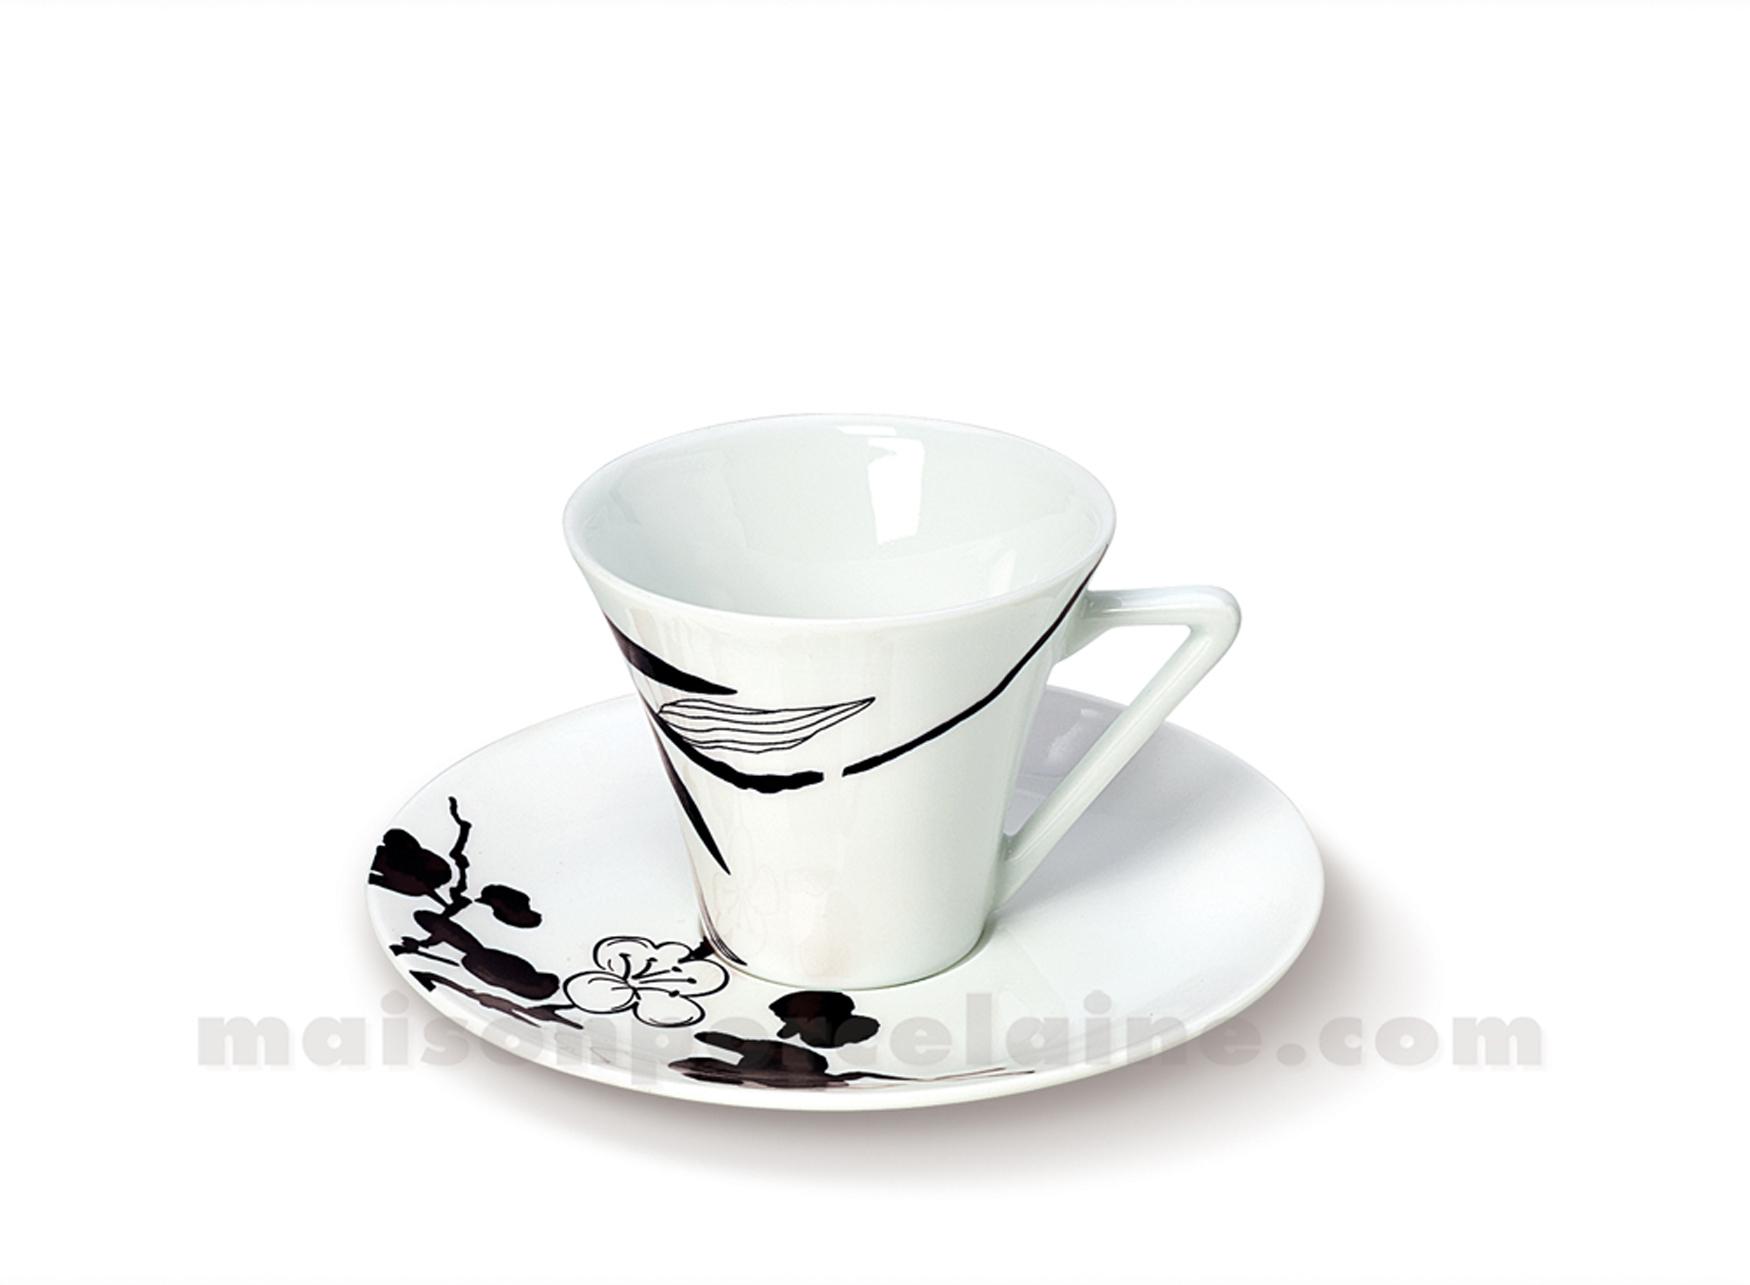 tasse cafe soucoupe limoges haussmann 10cl maison de la porcelaine. Black Bedroom Furniture Sets. Home Design Ideas